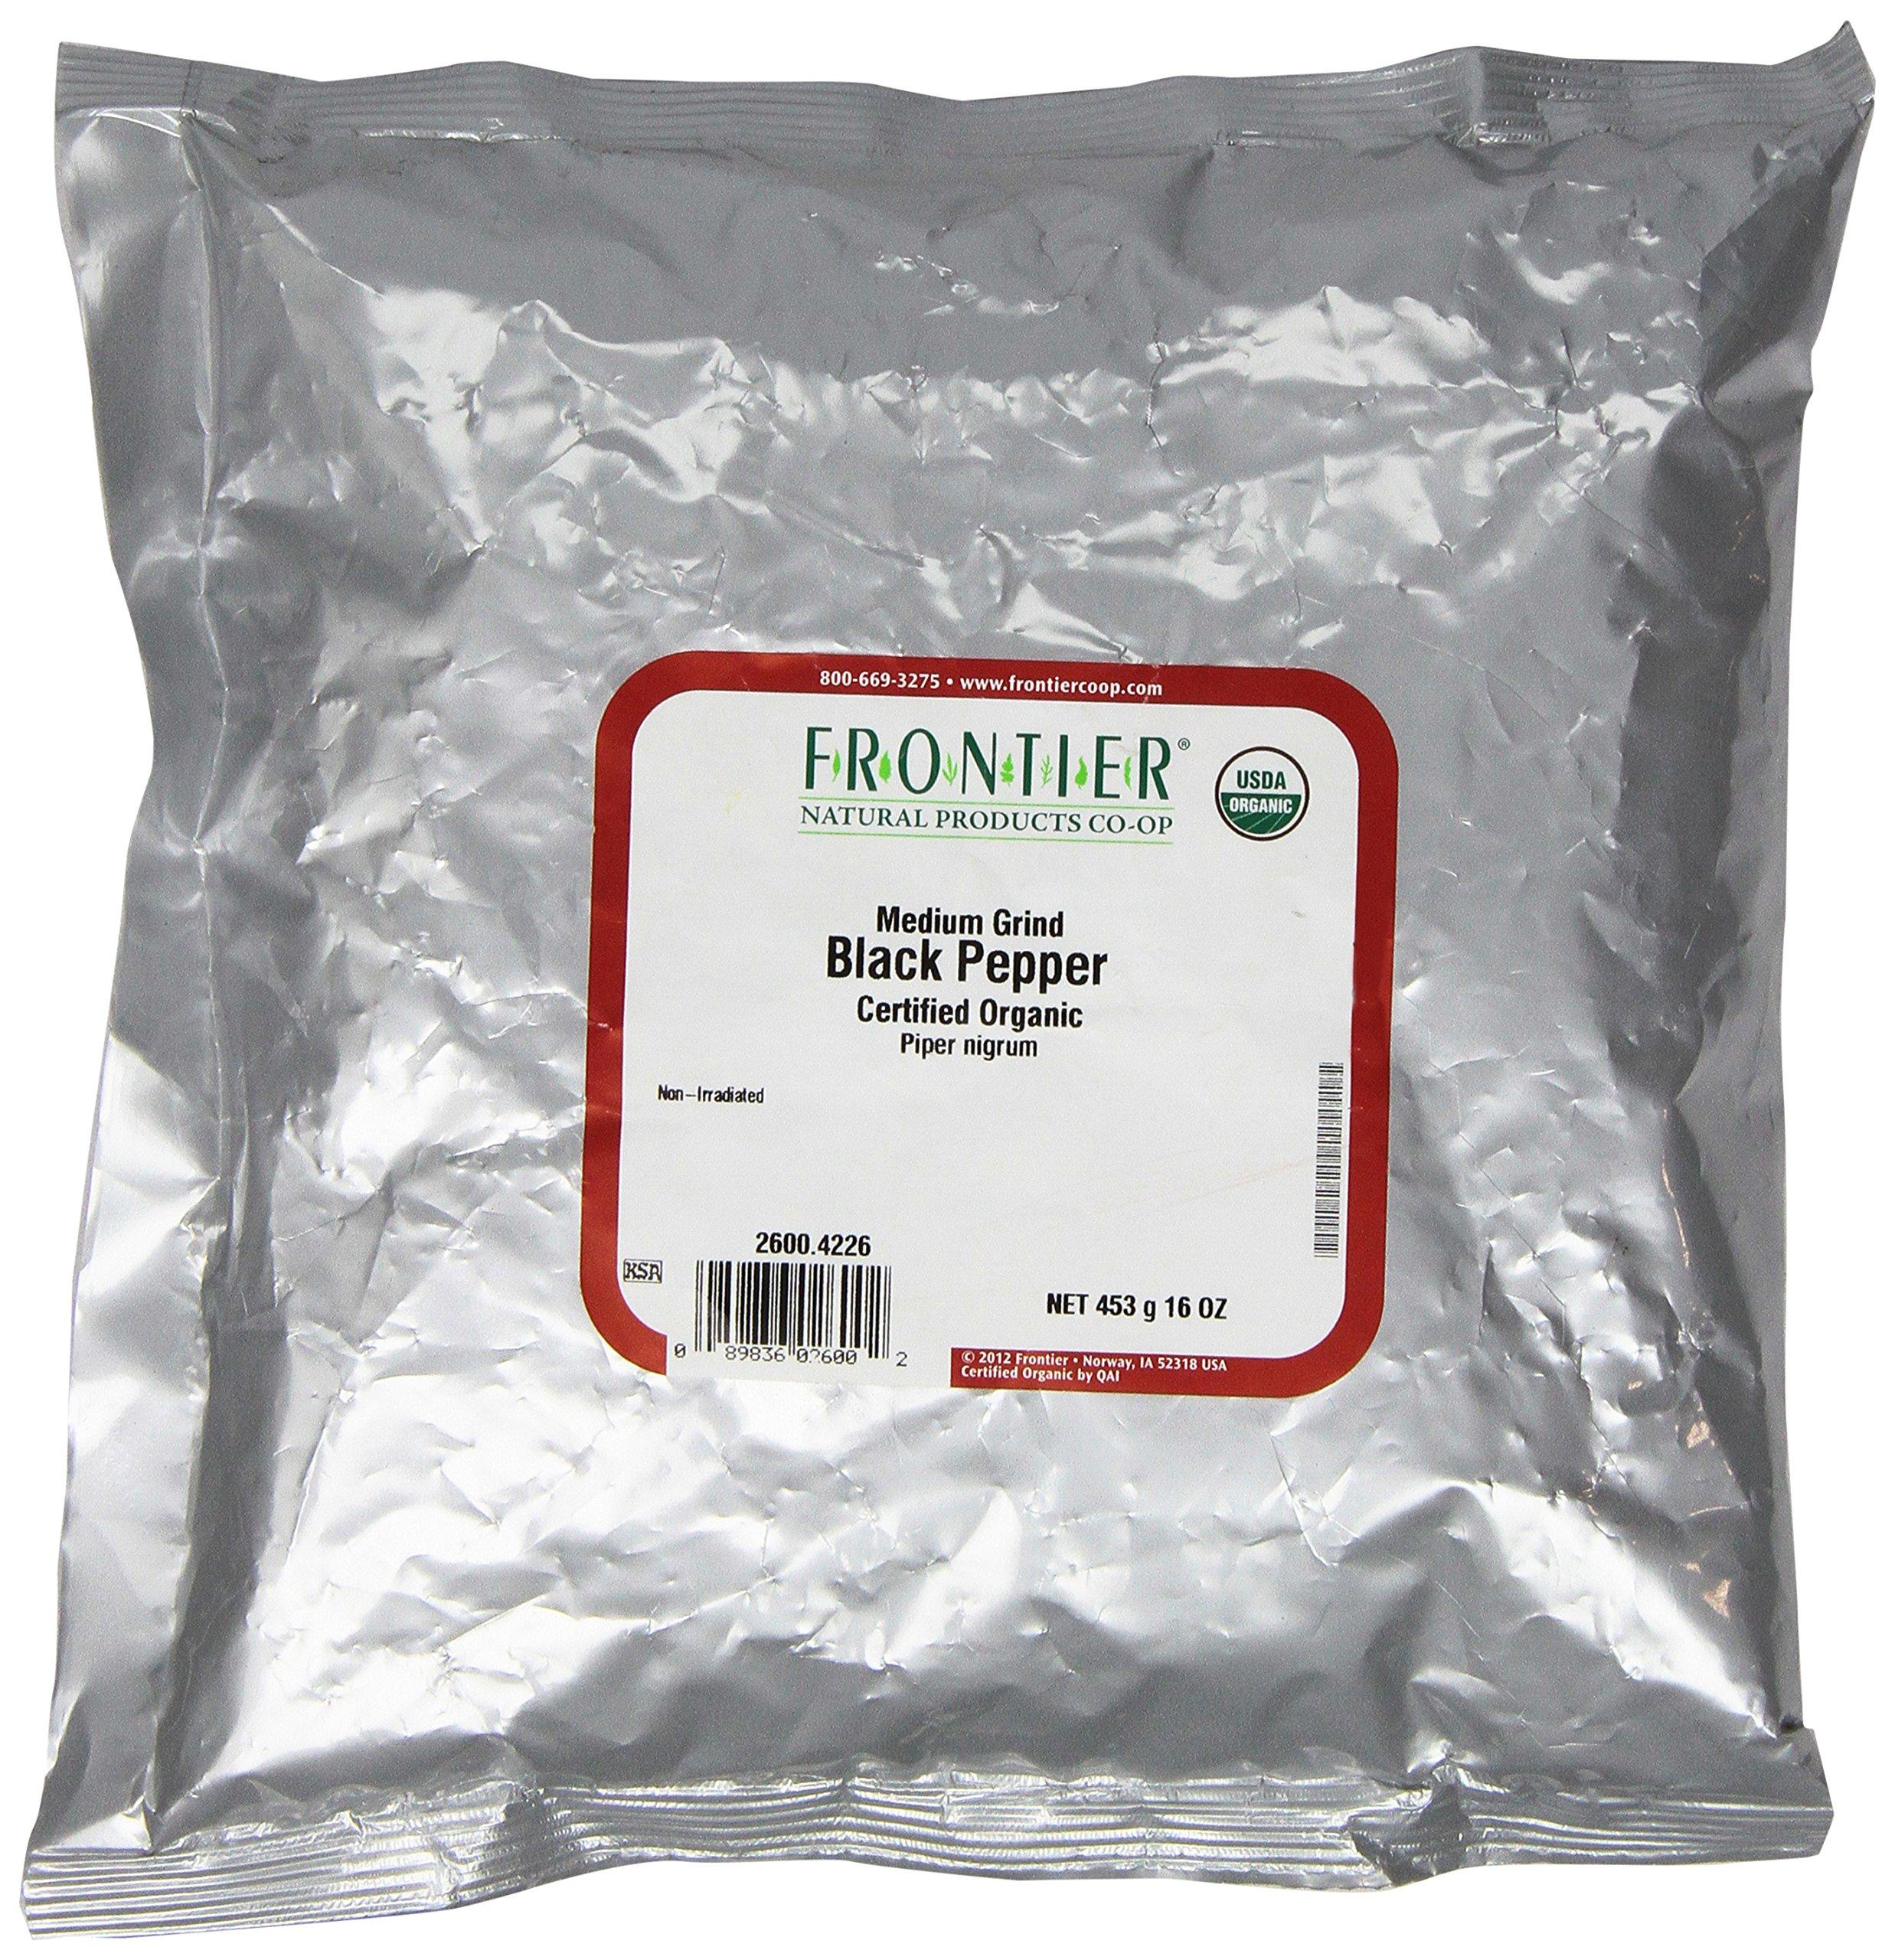 Frontier Pepper Black Medium Grind Organic, 1 Pound